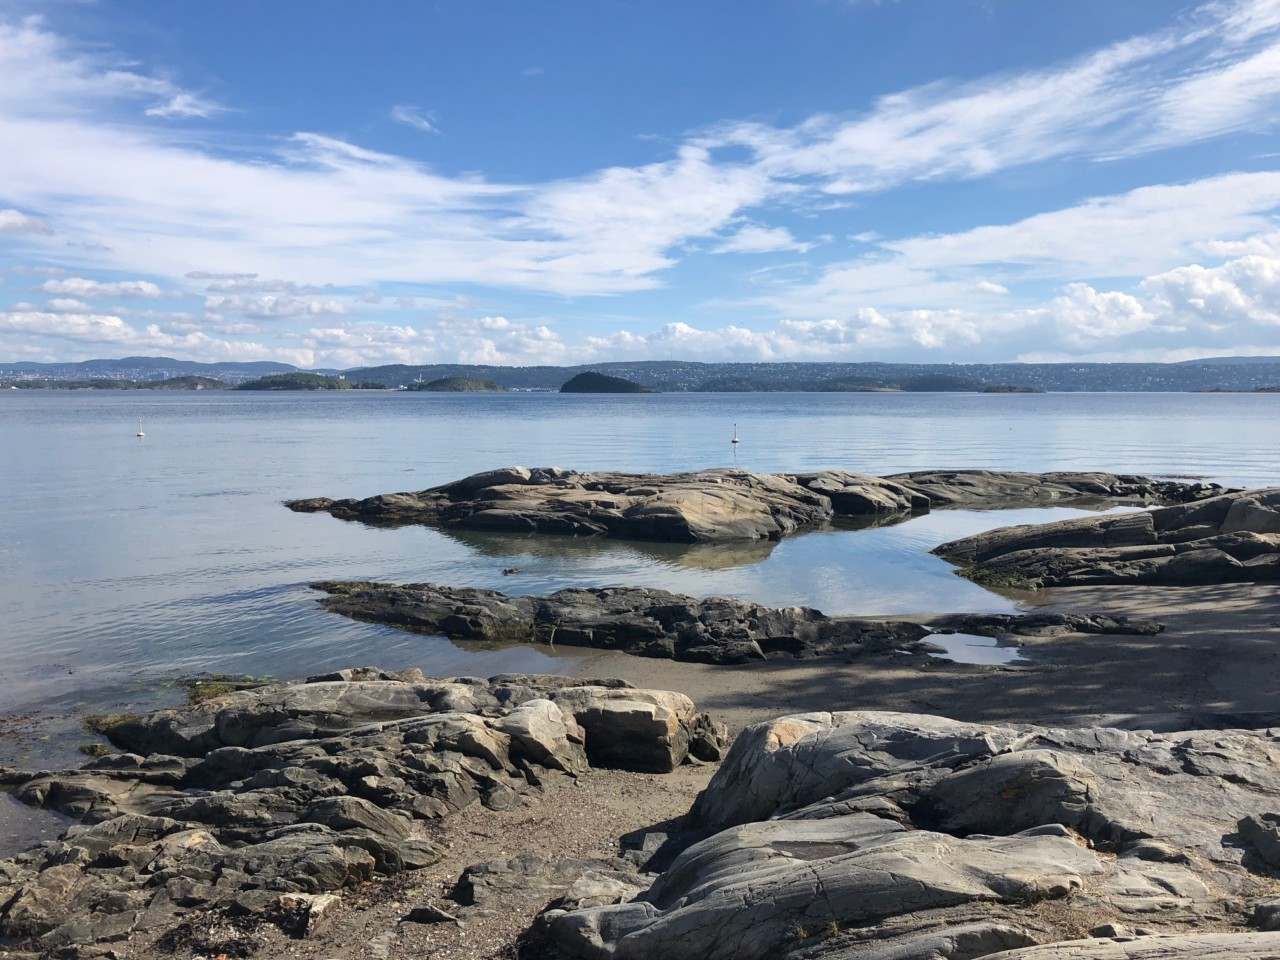 hellviktangen-strandryddedagen-2019-nesodden